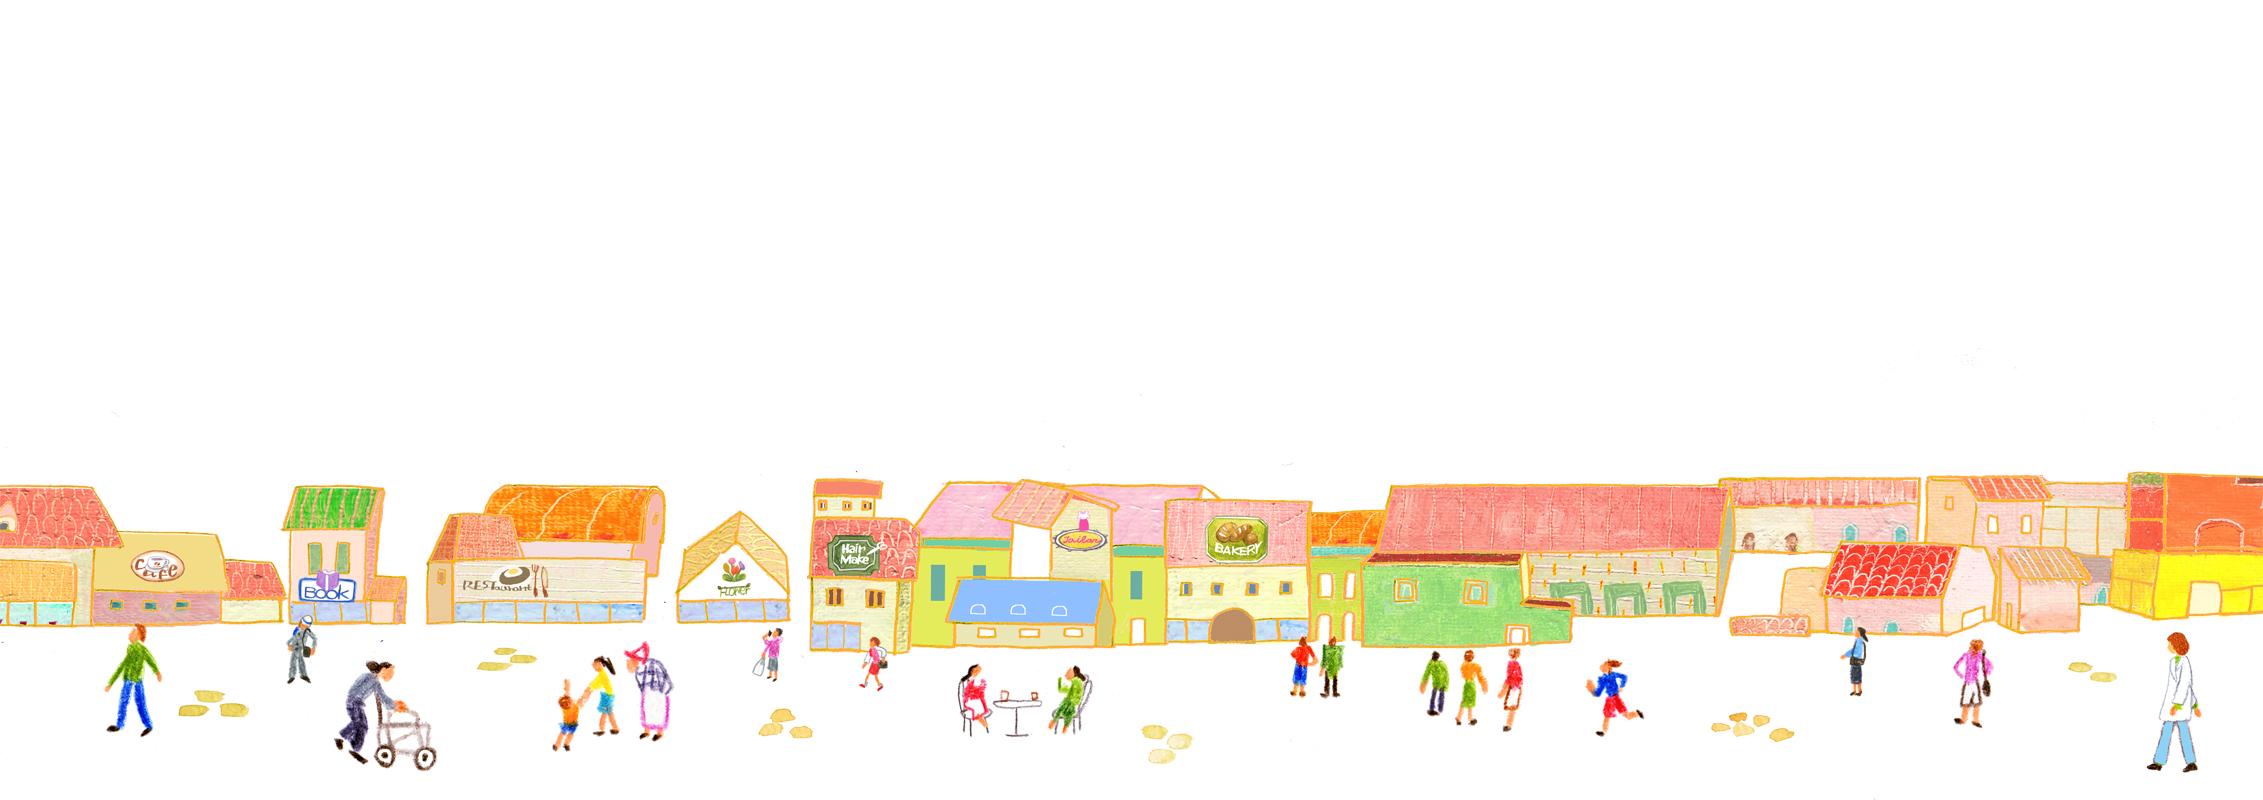 街 人々 暮らし イラスト